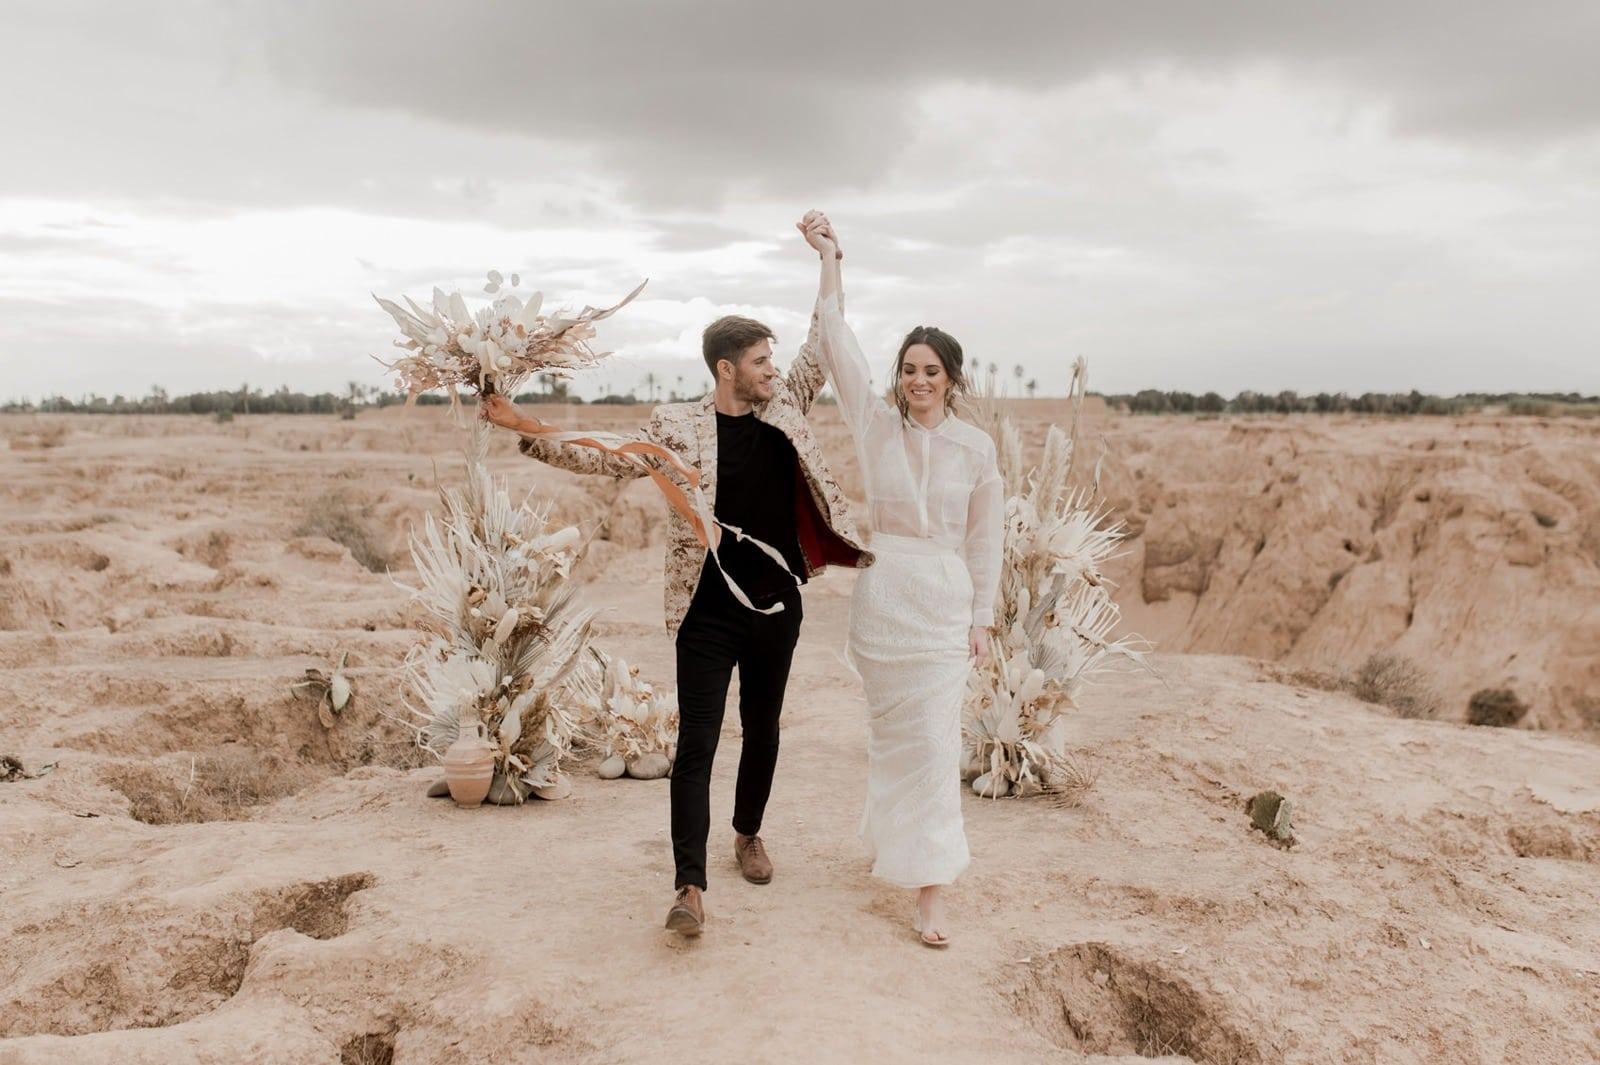 photographe et vidéaste mariage bohème elopement